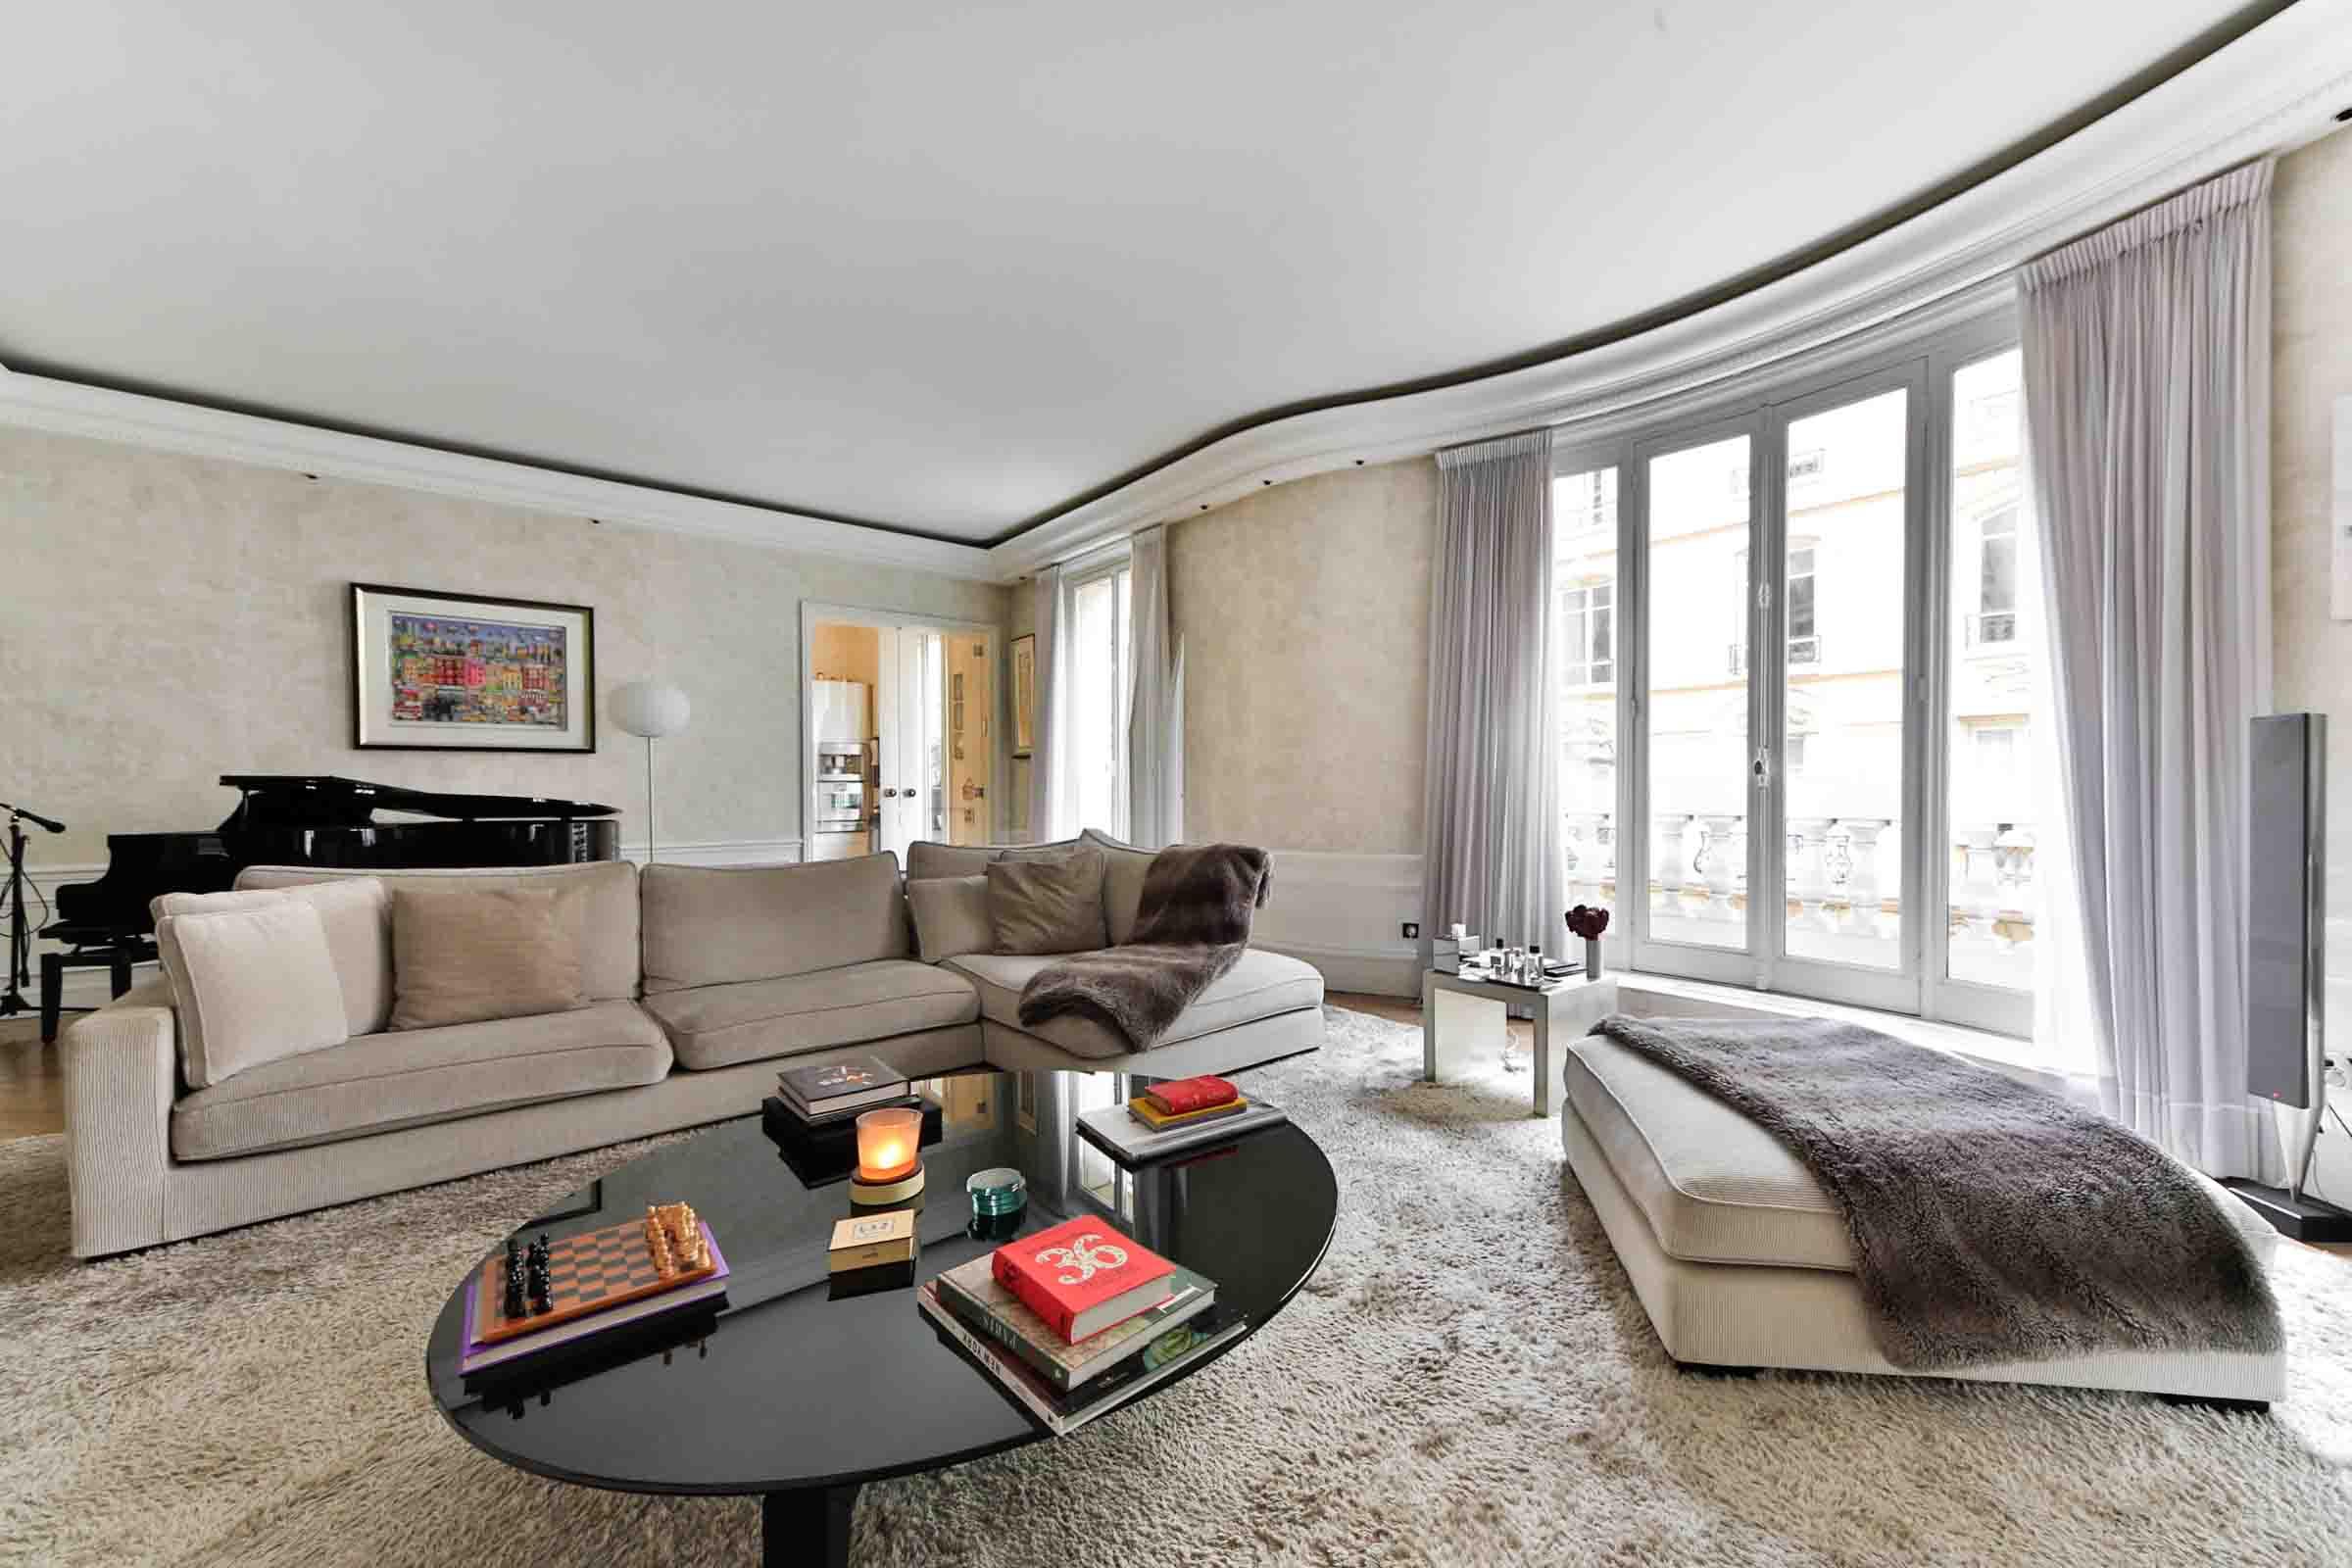 Căn hộ vì Bán tại Apartment - Monceau Paris, Paris 75017 Pháp